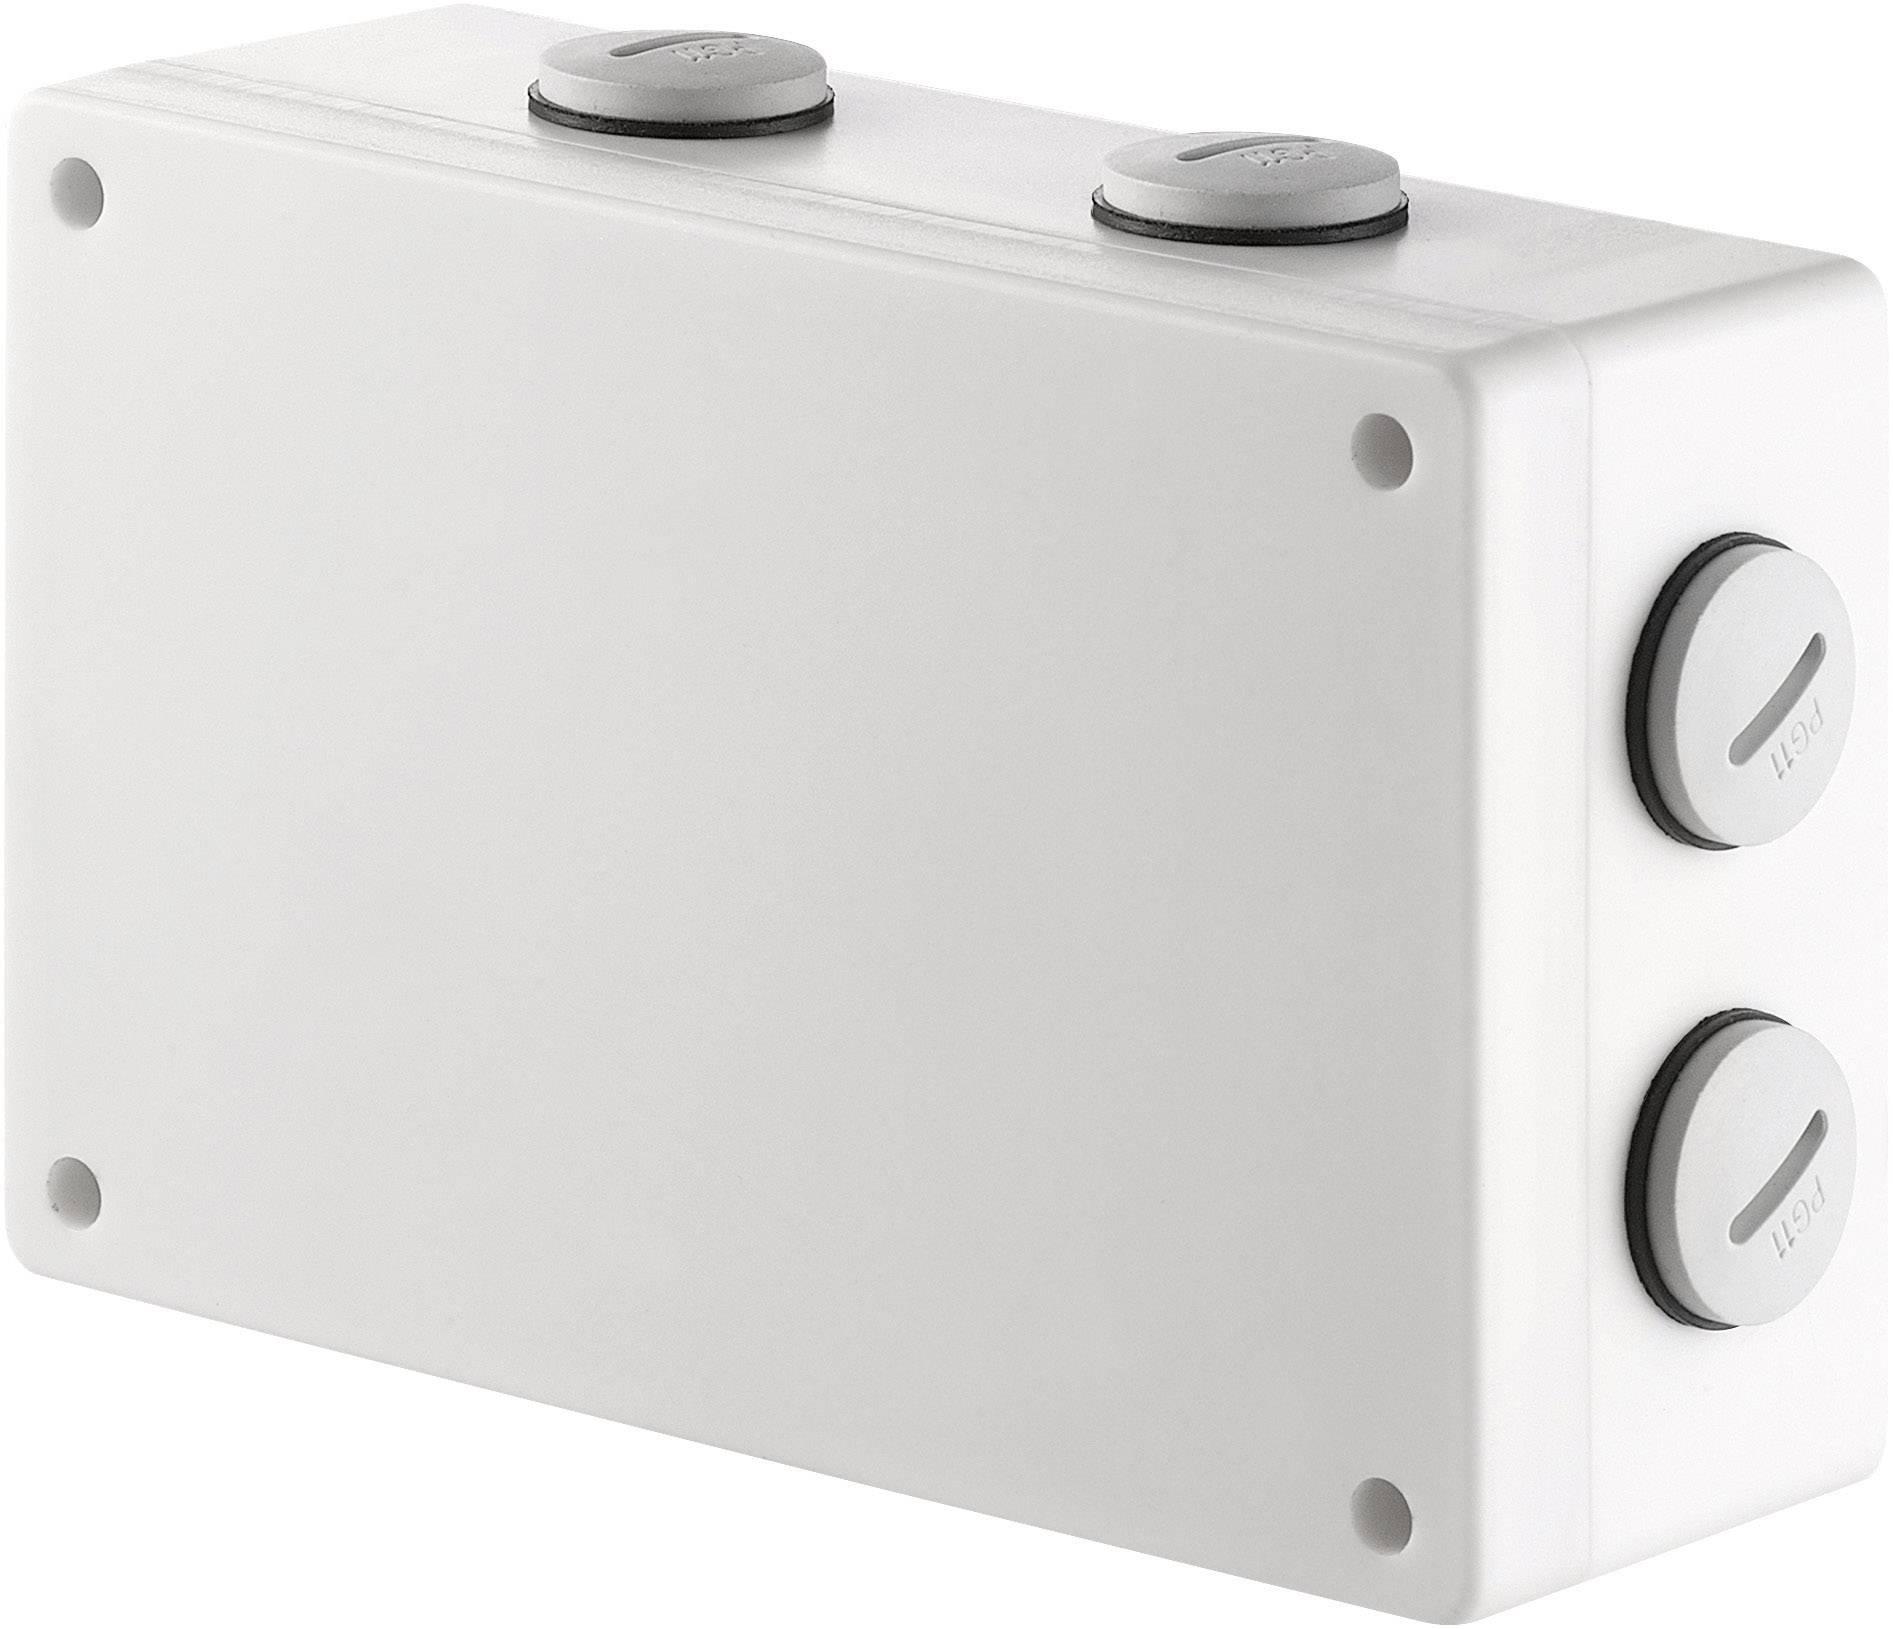 Vonkajší bezdrôtový spínač RSL, 2kanál, IP66, max. 2000 W